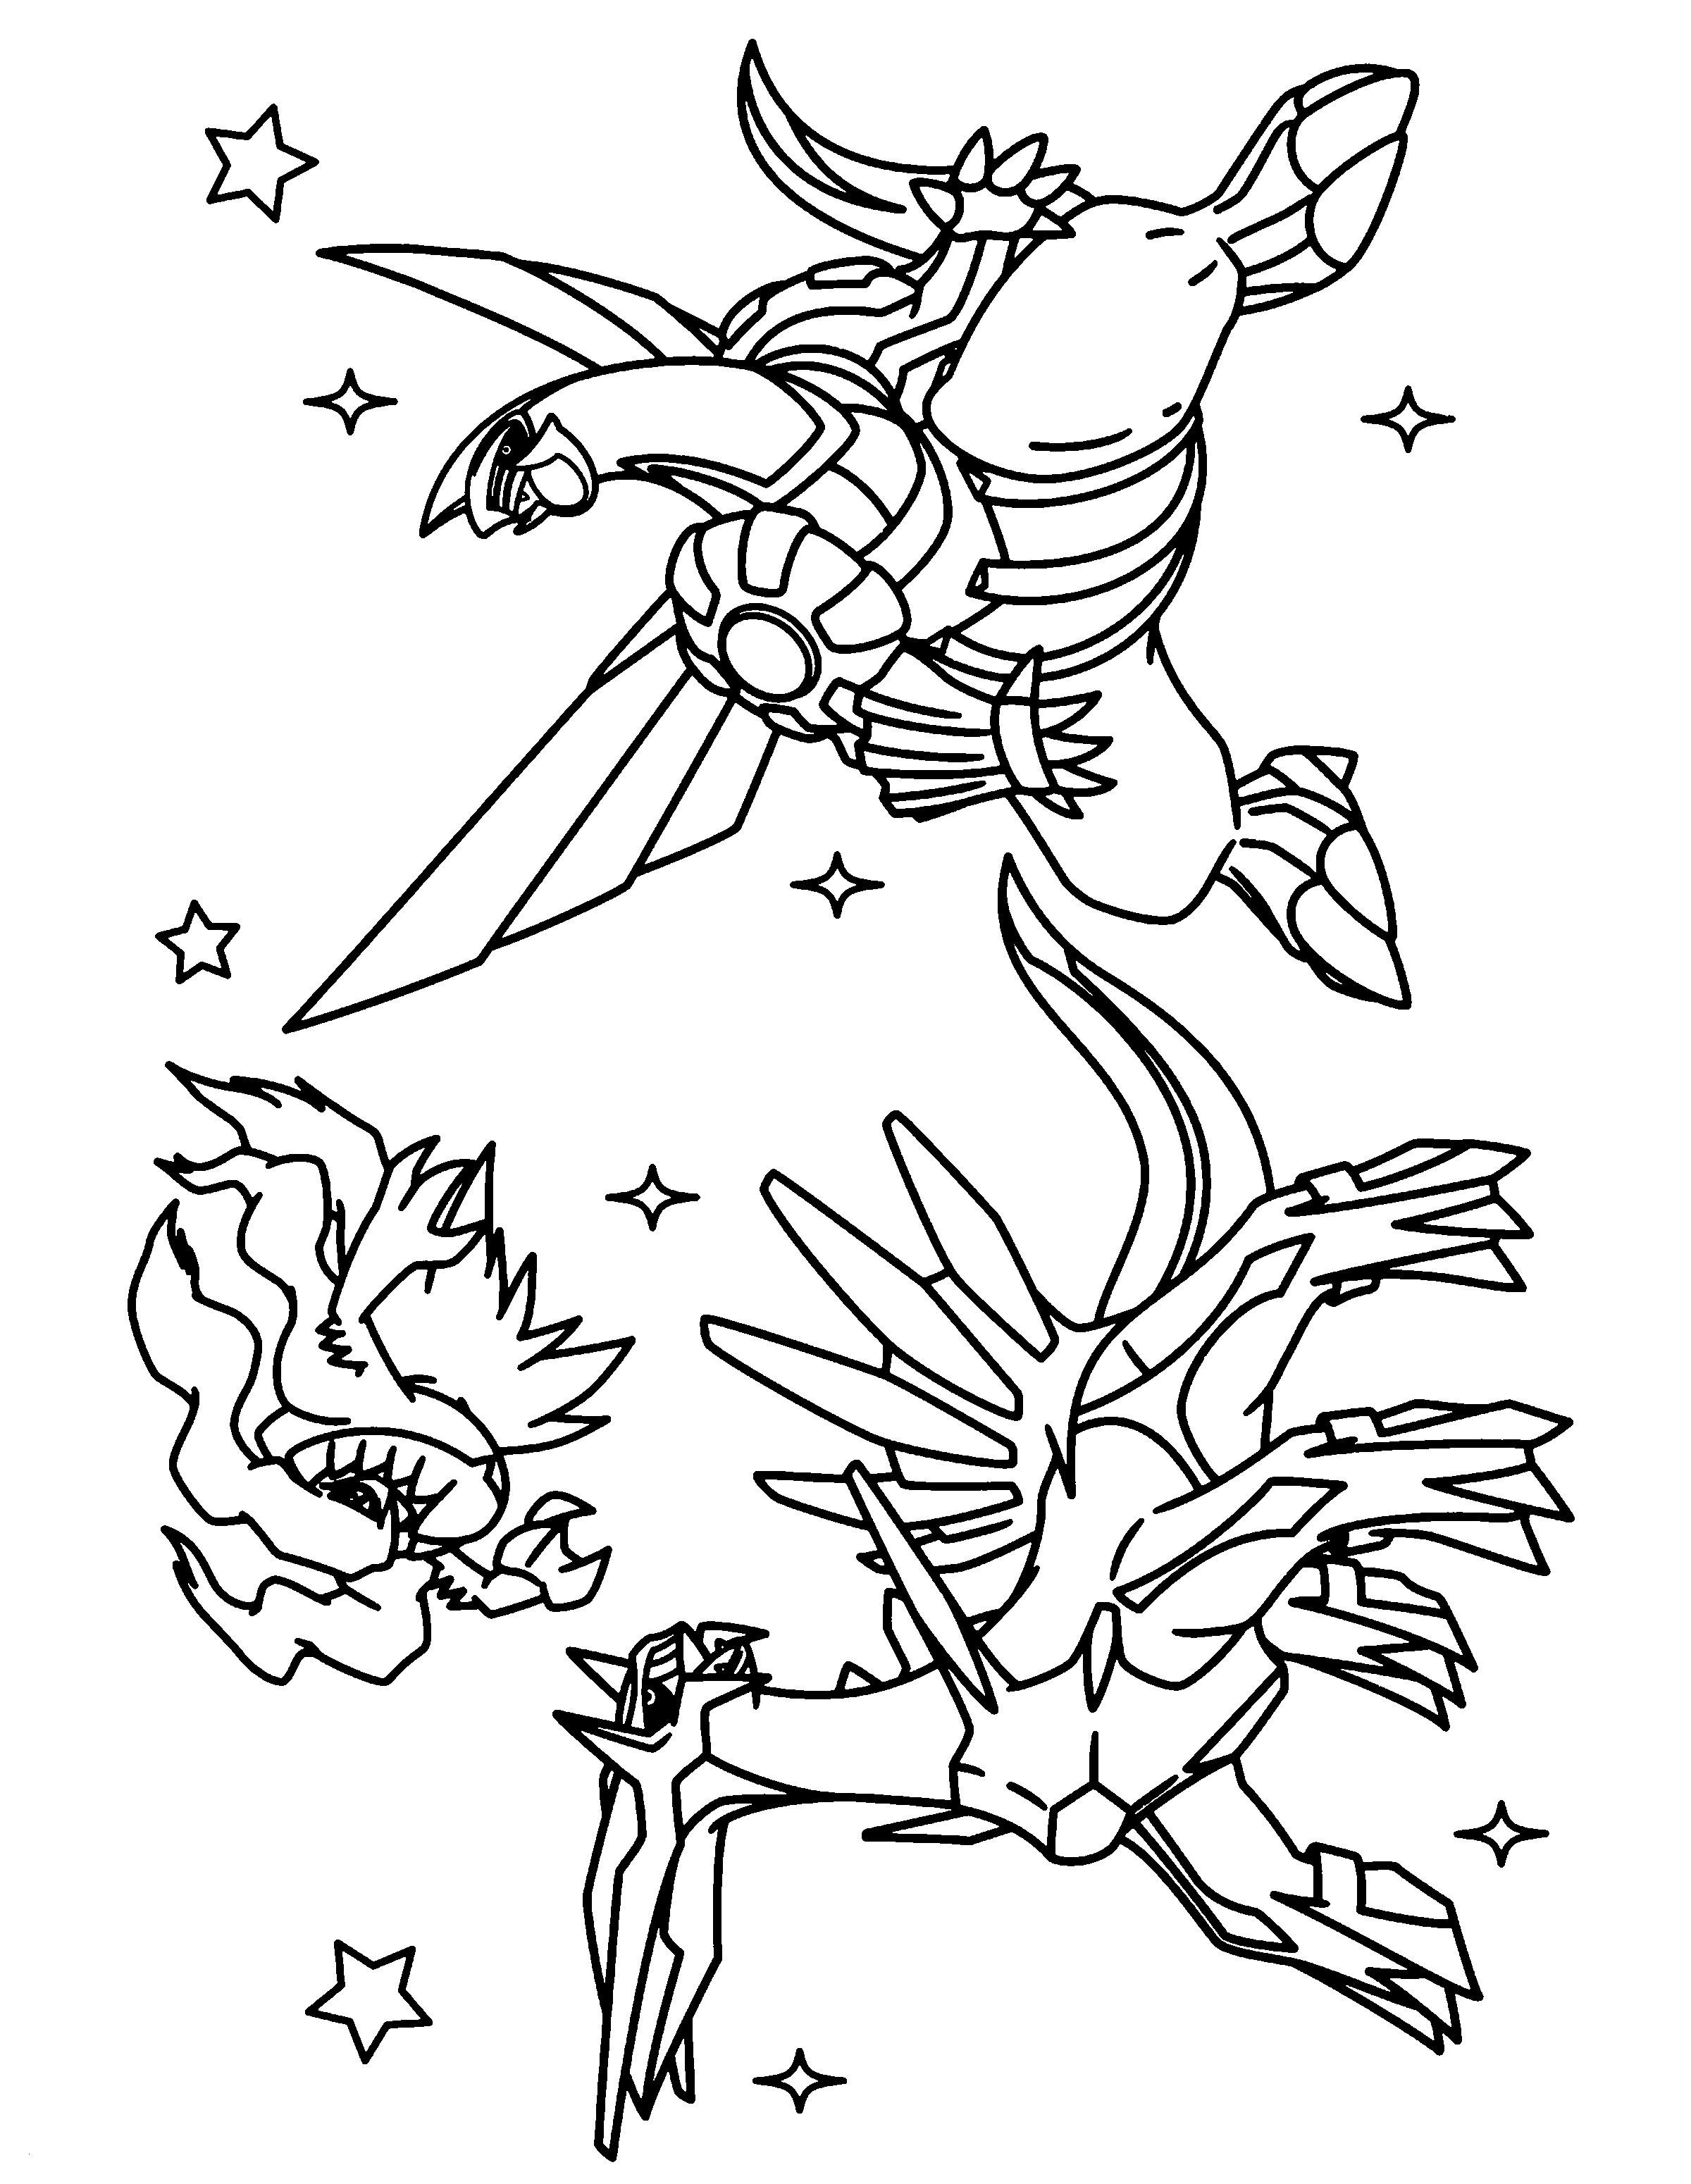 Pokemon Bilder Zum Ausmalen Das Beste Von Pokemon Ausmalbilder Gelatroppo Archives forstergallery Sammlung